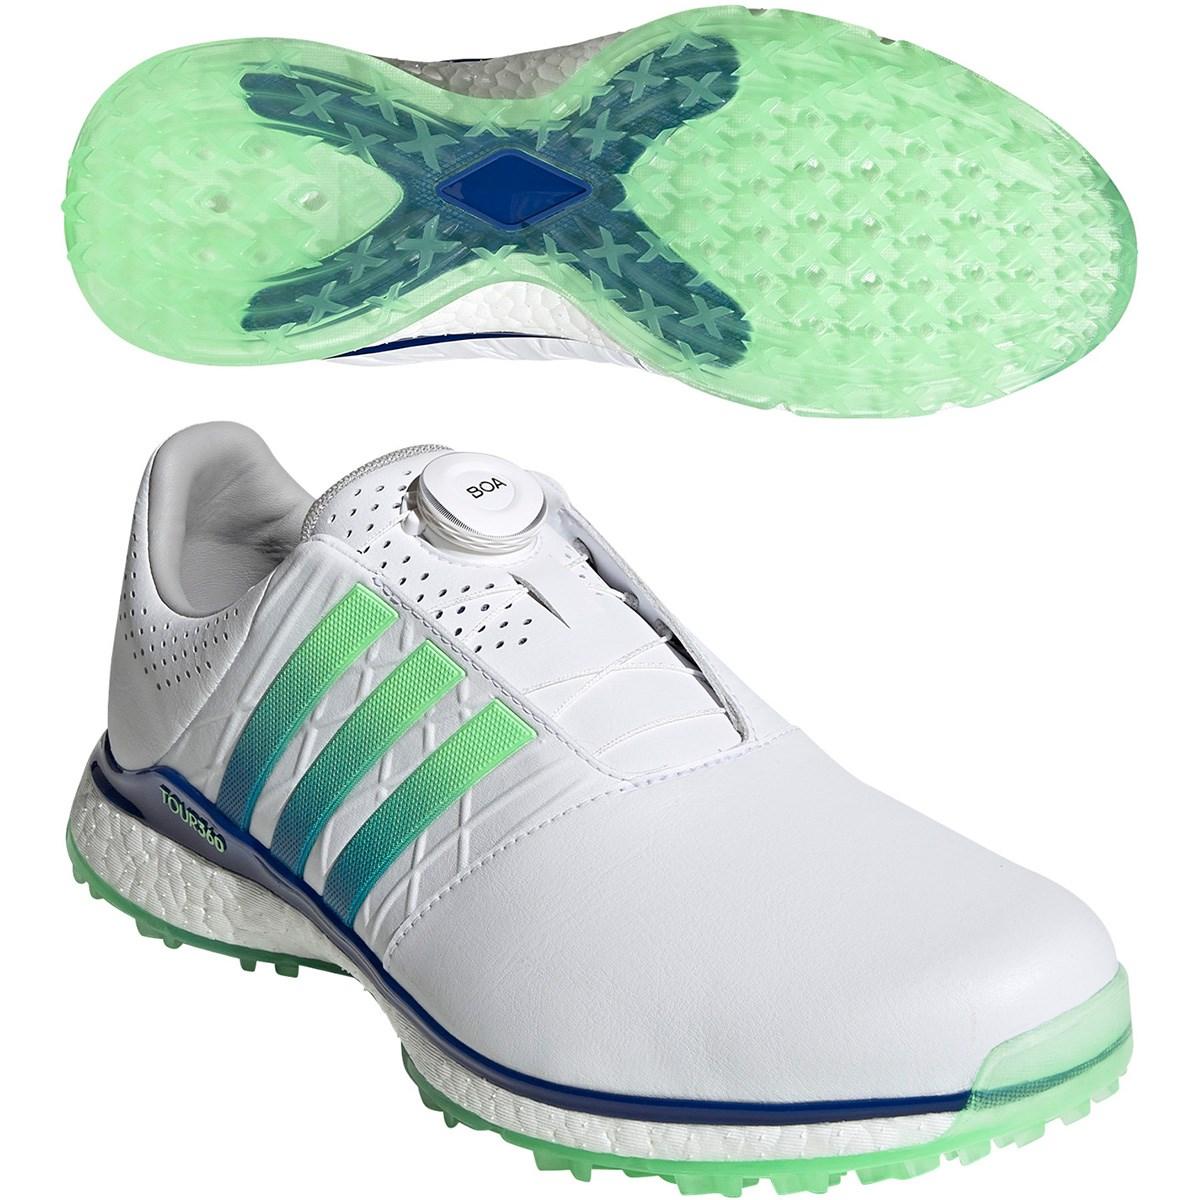 アディダス Adidas ツアー360 XT-SL ボア 2 シューズ 27.5cm ホワイト/ロイヤルブルー/グローリーミント